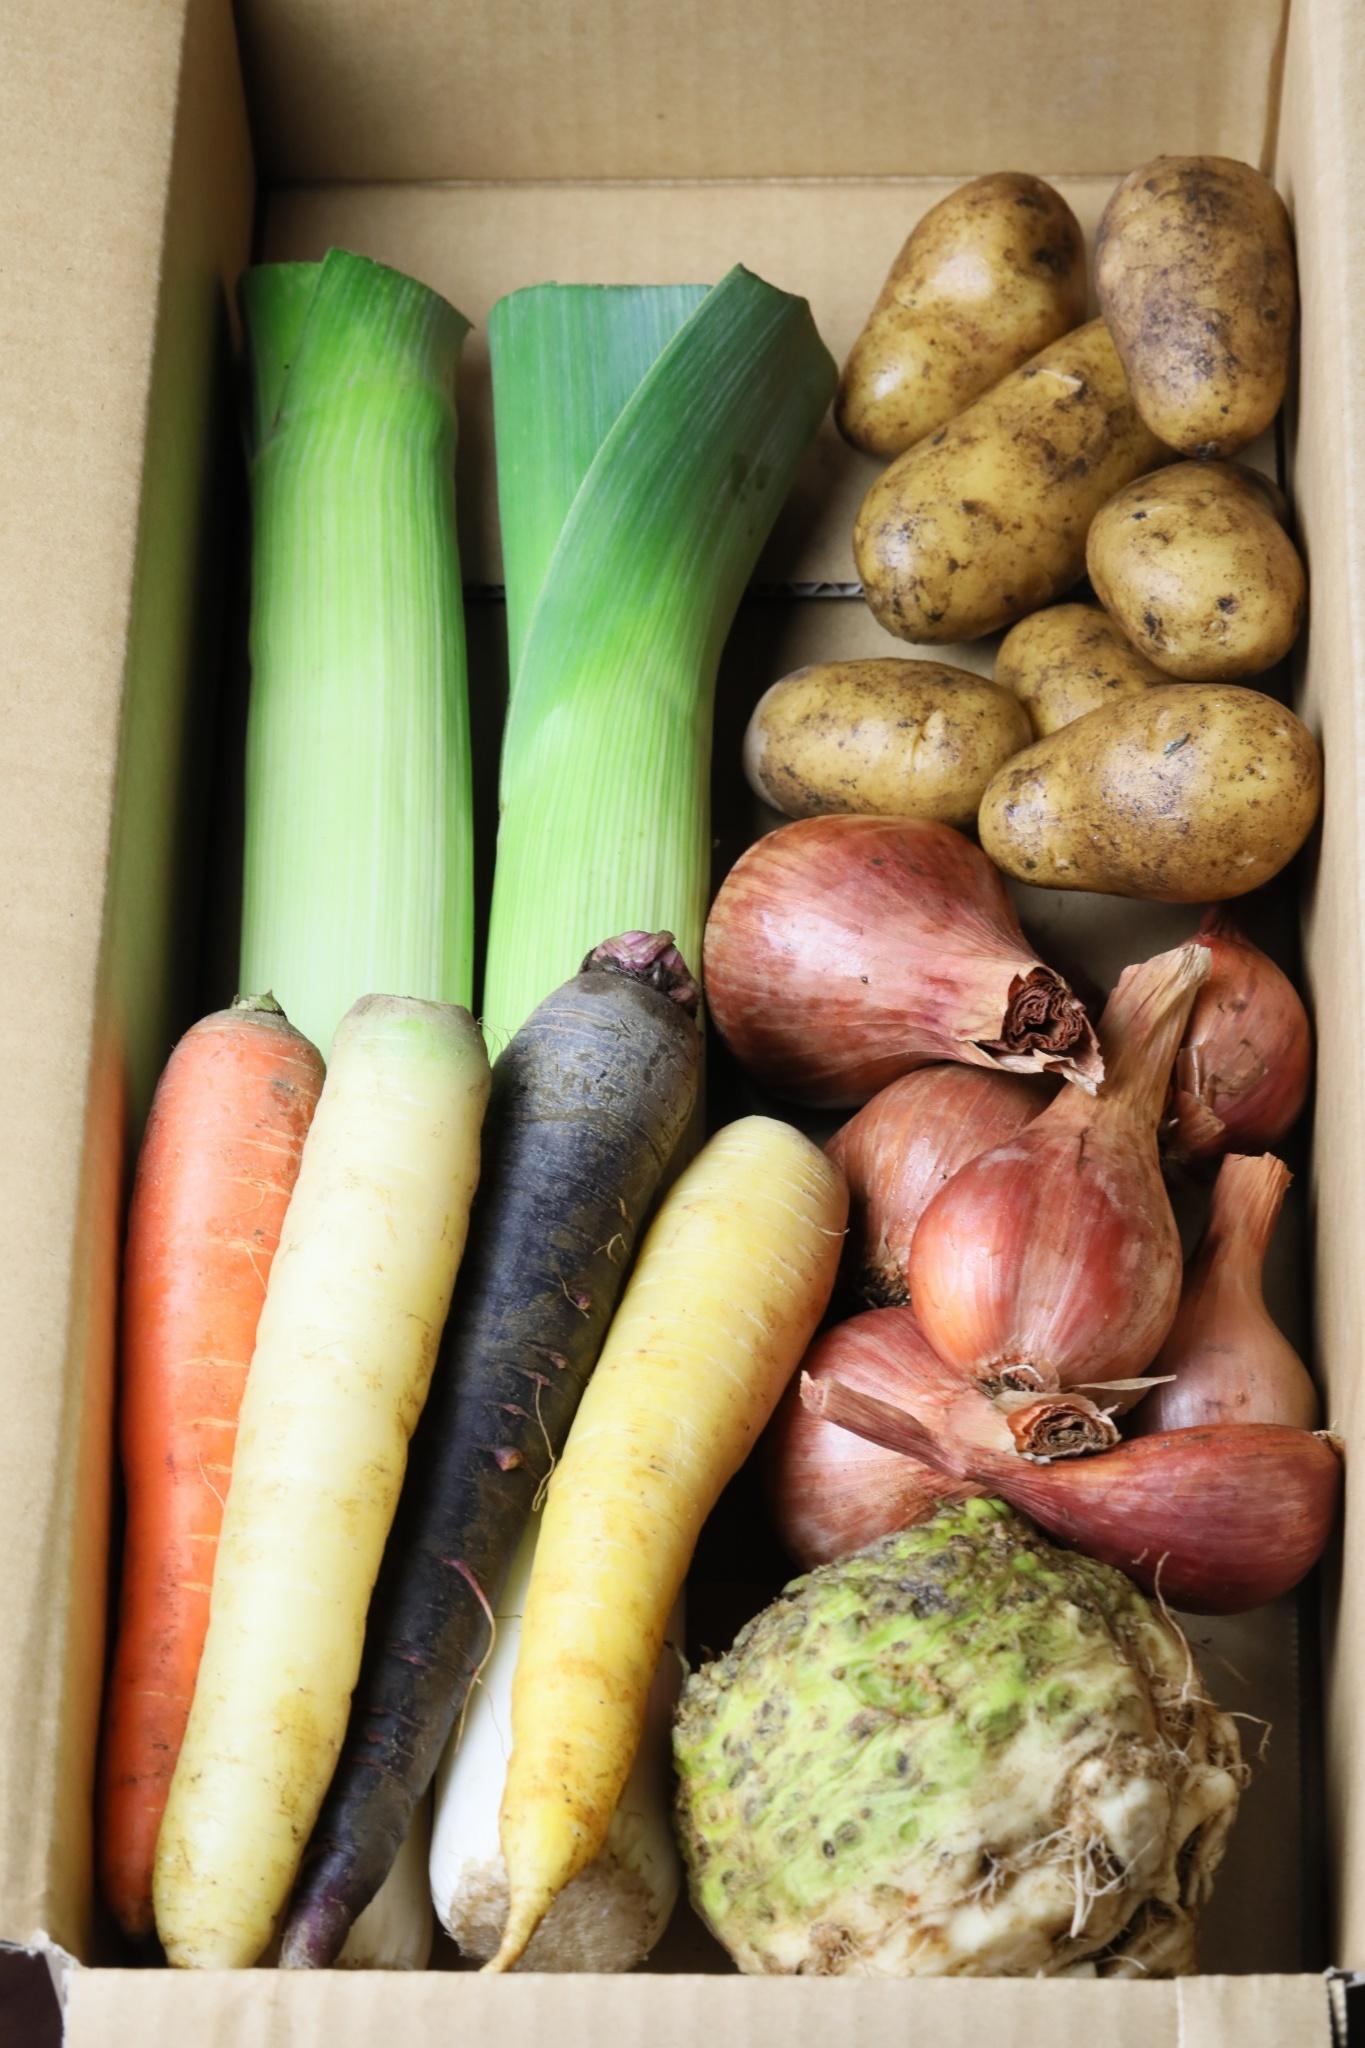 【西洋野菜セット】 ポワロー、根セロリ、カラー人参、エシャロット、熟成メークイン